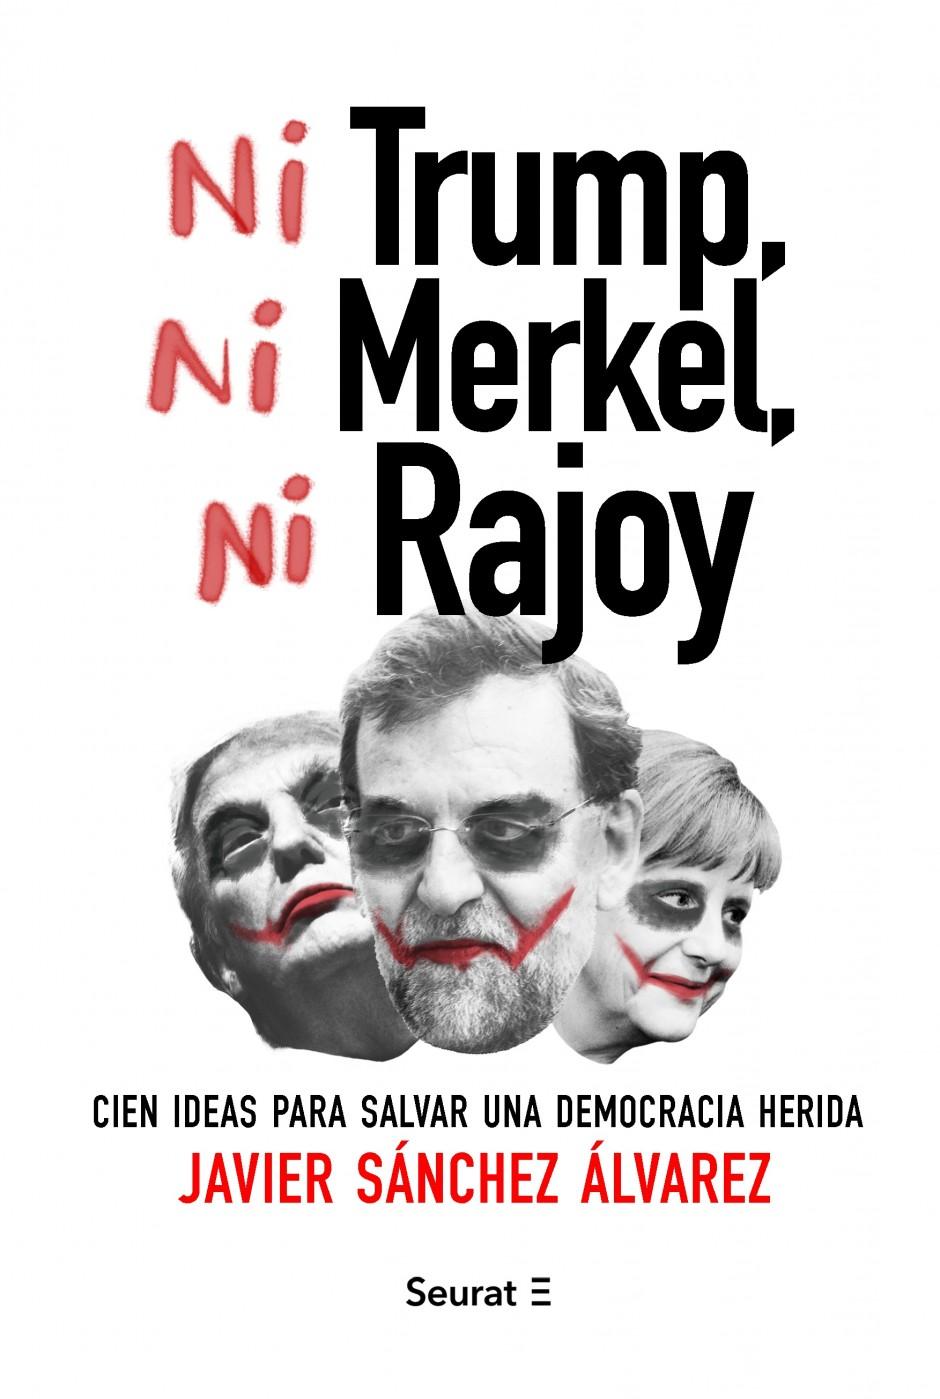 Ni Trump, ni Merkel, ni Rajoy. Cien ideas para salvar una democracia herida